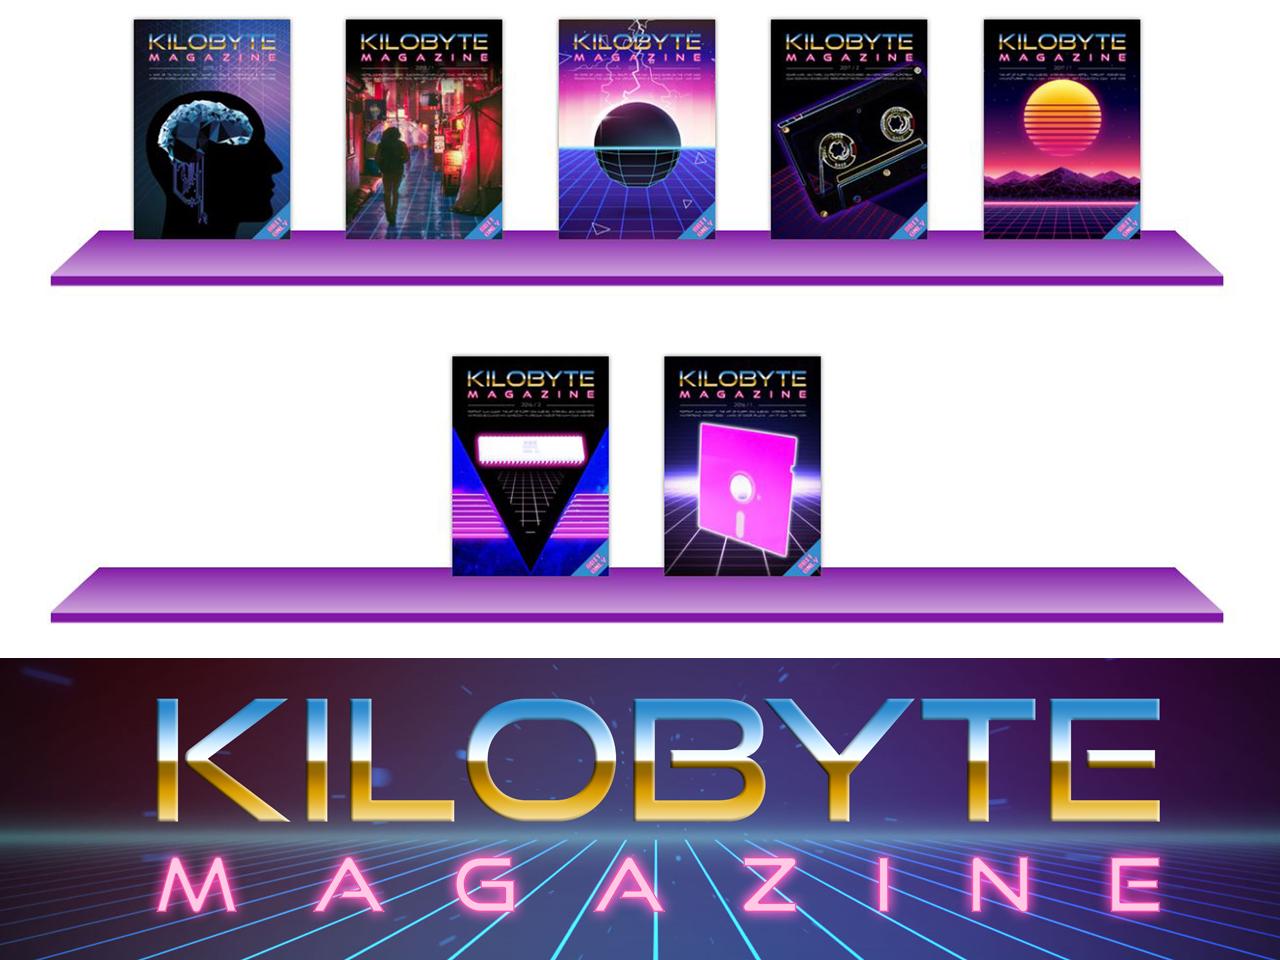 Das virtuelle Regal von KiloByte auf der Webseite retro.wtf. (Bild: Boris Kretzinger)